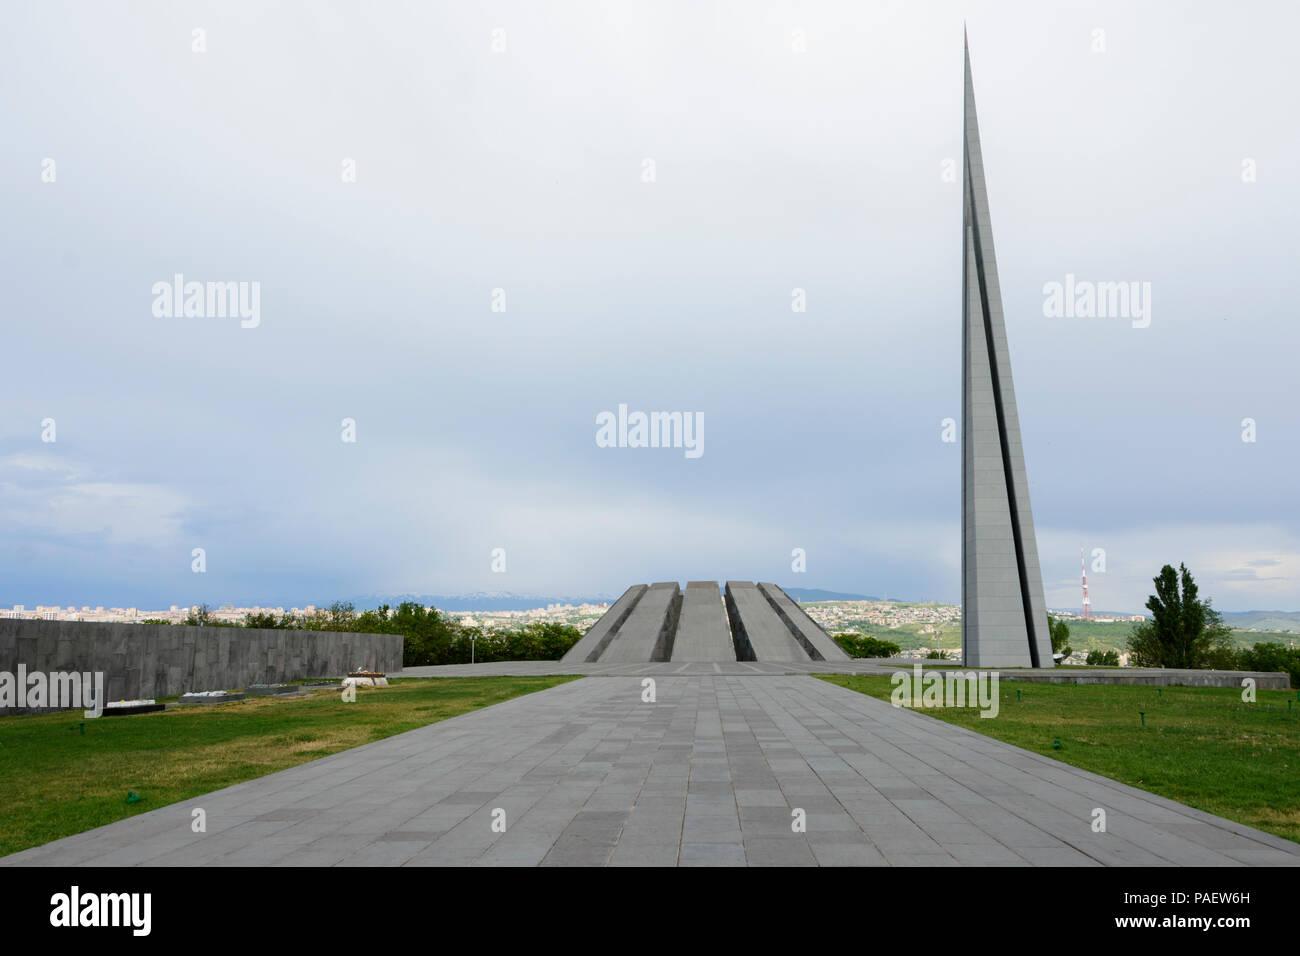 The Armenian Genocide Memorial in Yerevan, Armenia. - Stock Image